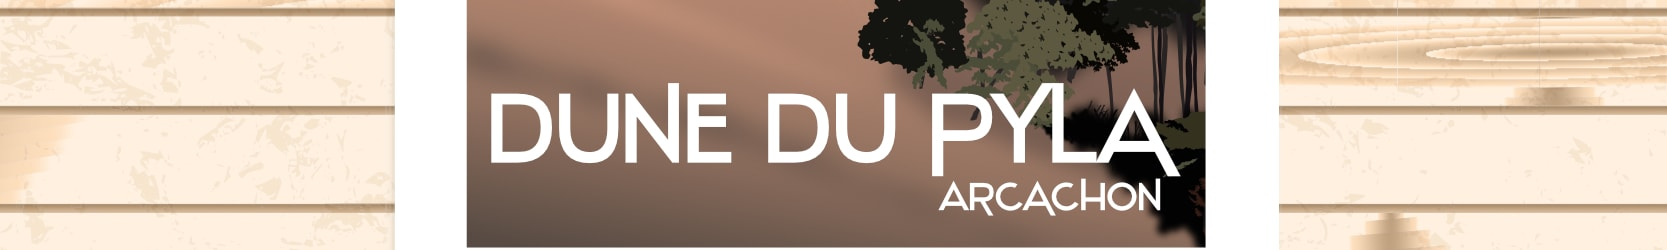 La Dune du Pyla – Jour d'orage – Affiche Bassin d'Arcachon